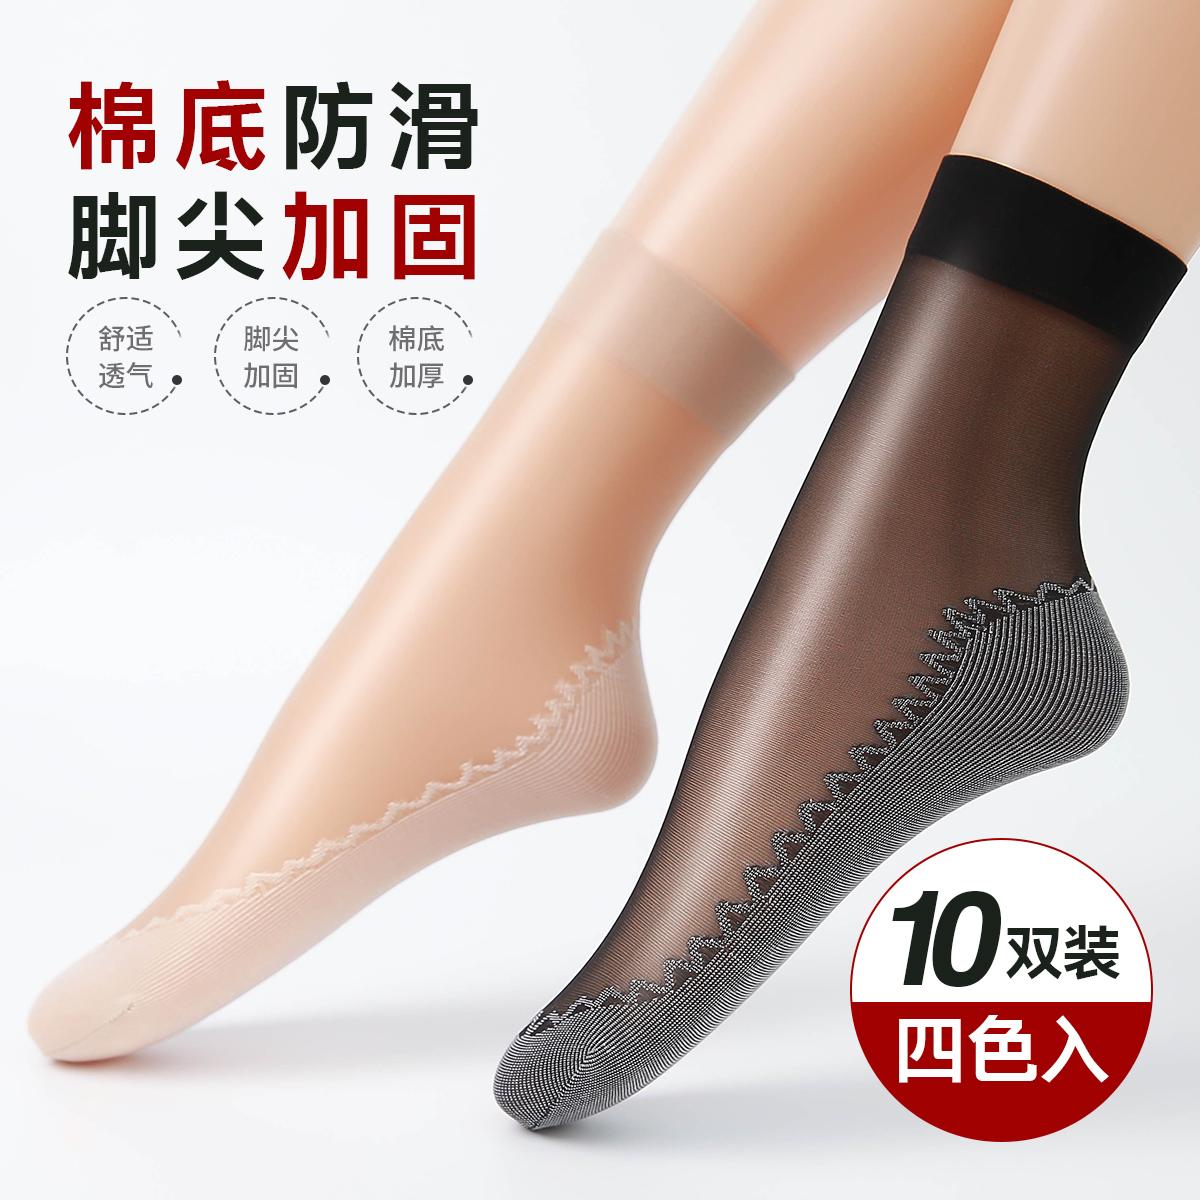 女士棉底丝袜女夏季薄款短袜防滑黑色肉色防勾丝袜子女中筒女11-27新券